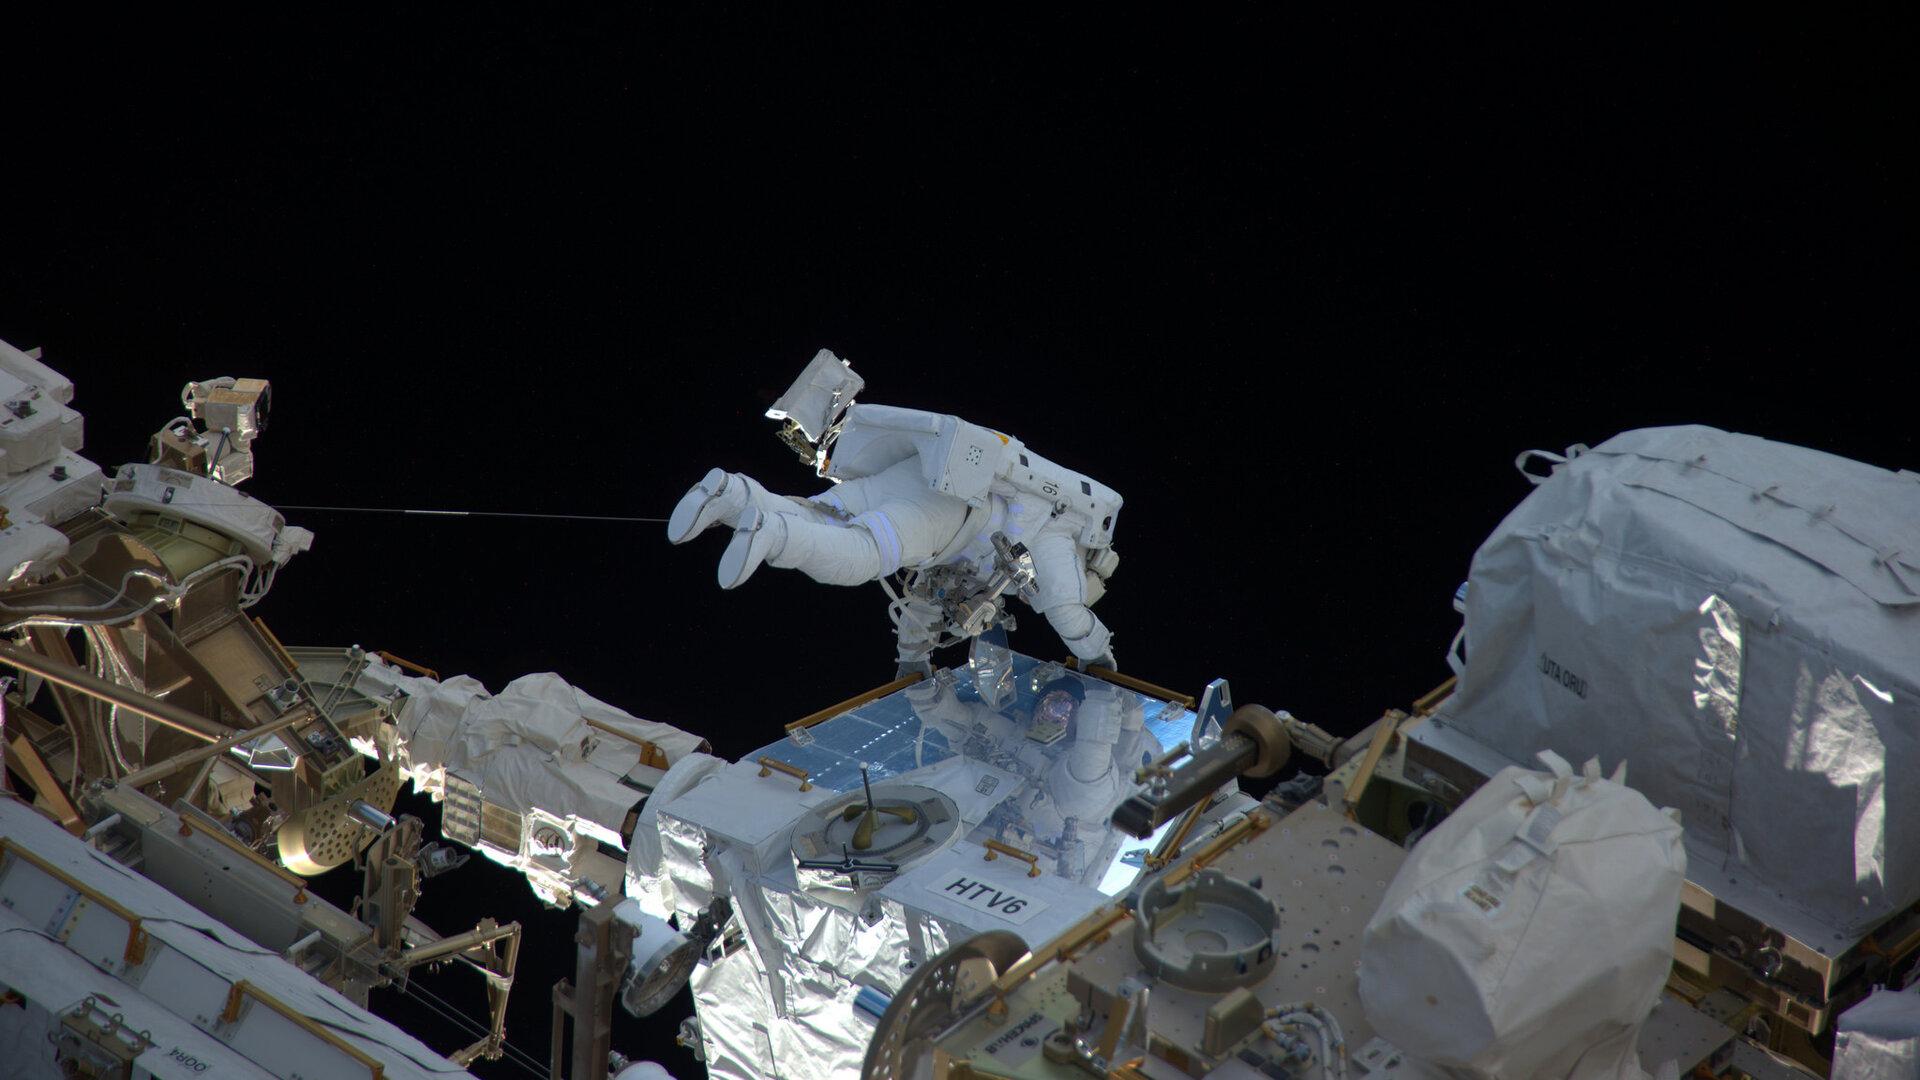 Thomas during his first spacewalk